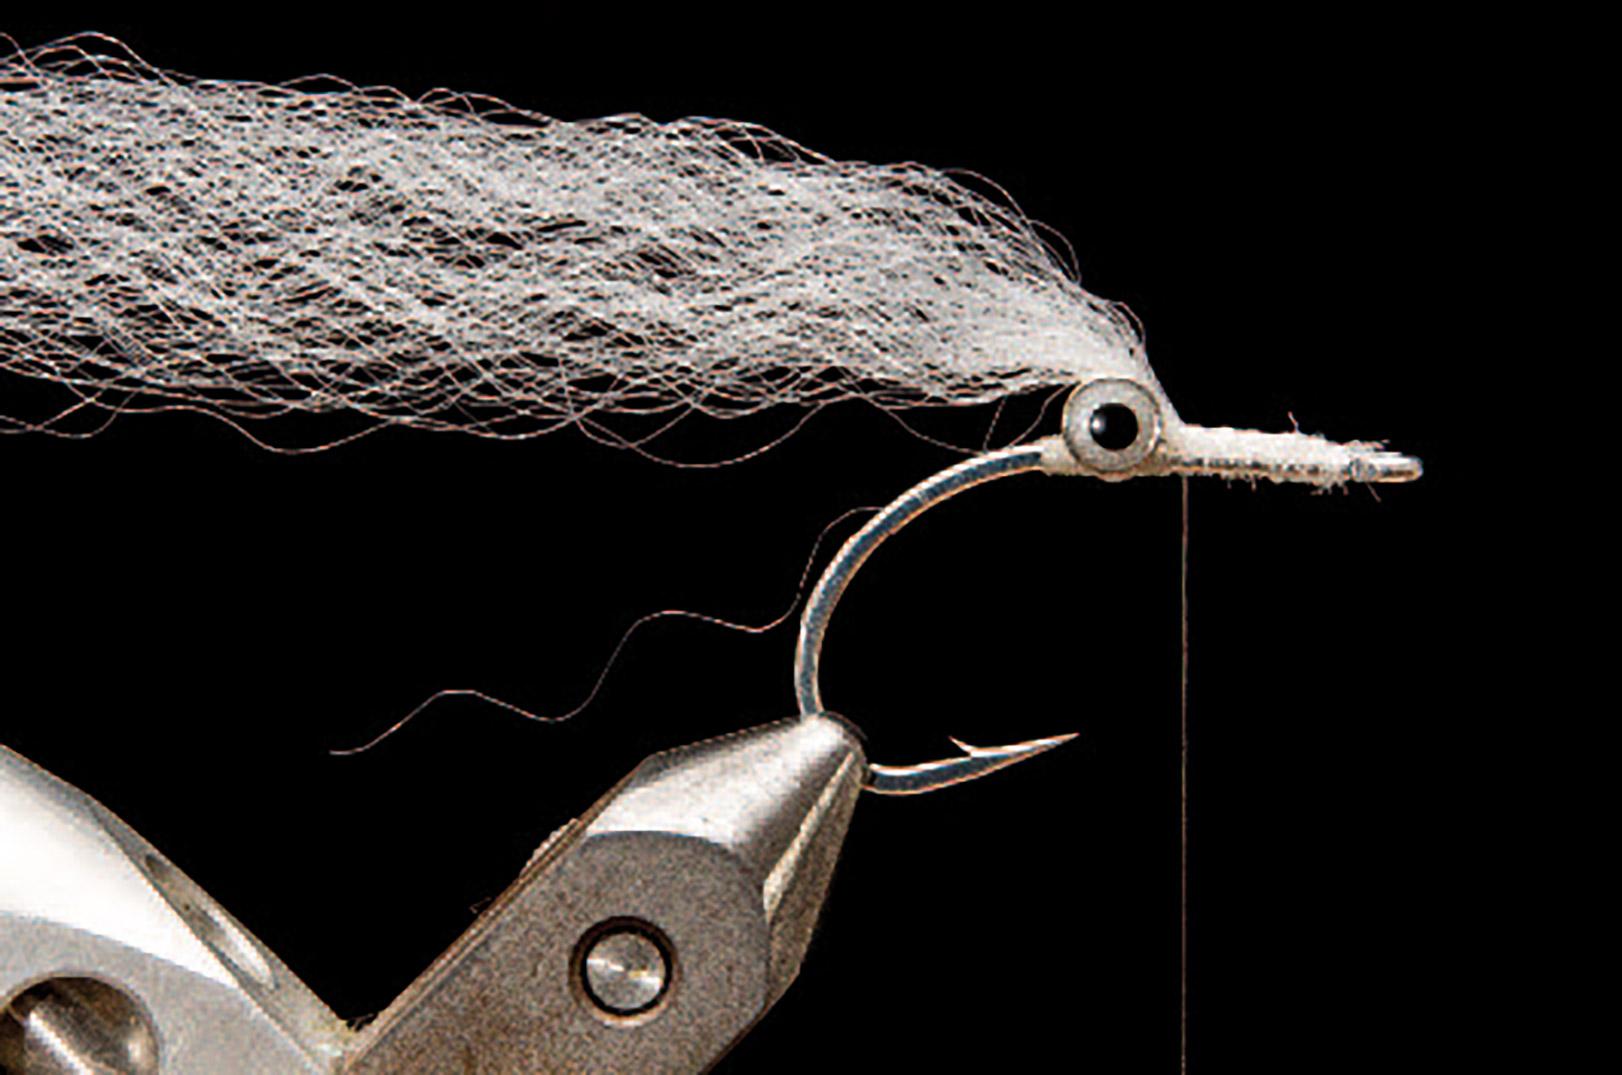 2: Bind dit lyse bundt syntetmateriale ind foran øjnene. I dette tilfælde er der brugt Unique Hair, men de fleste andre syntetiske vingematerialer virker også godt.